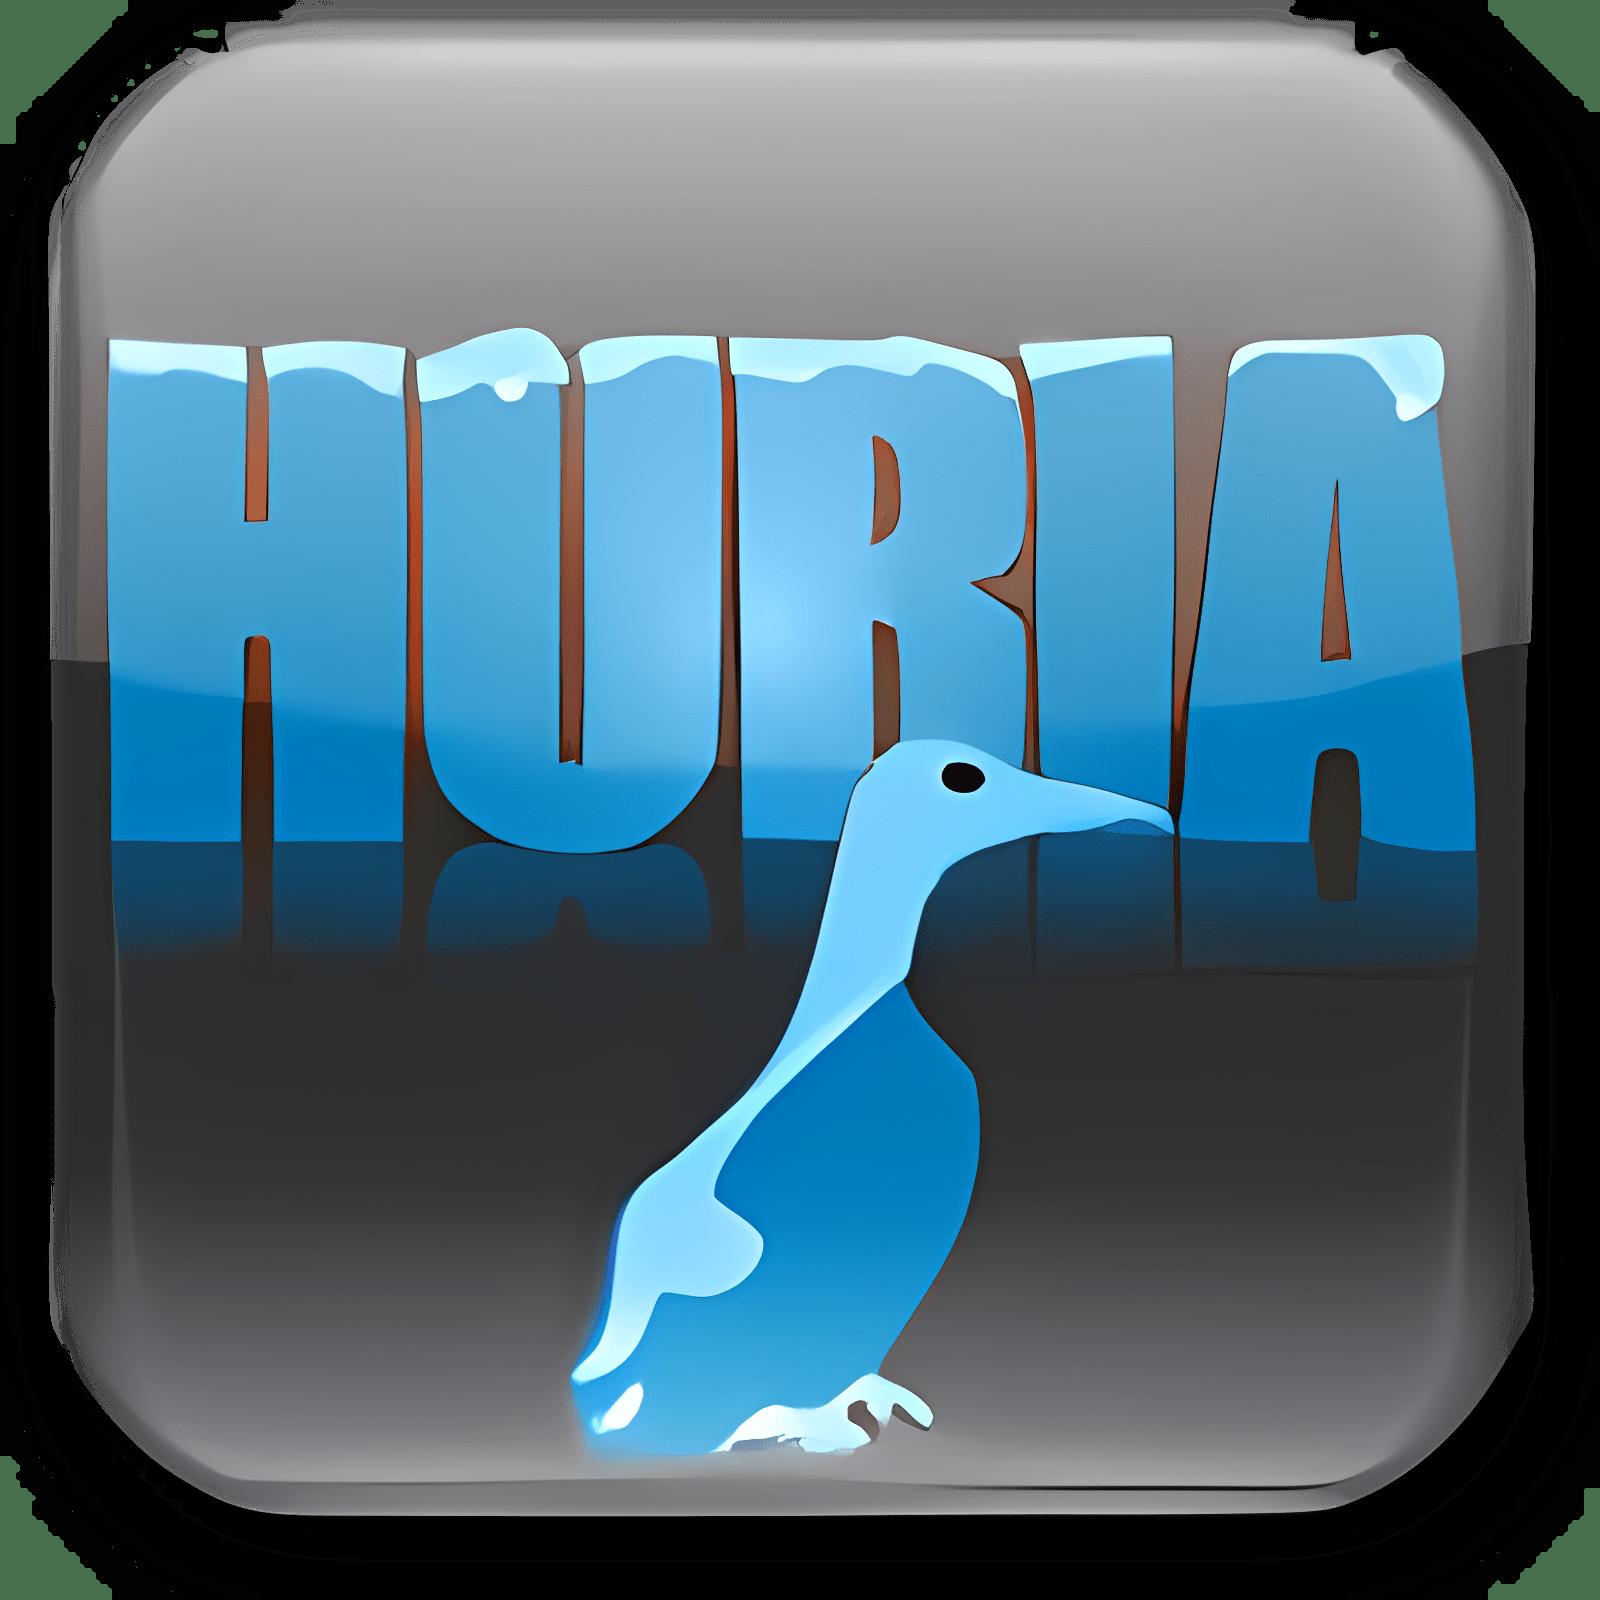 Huria